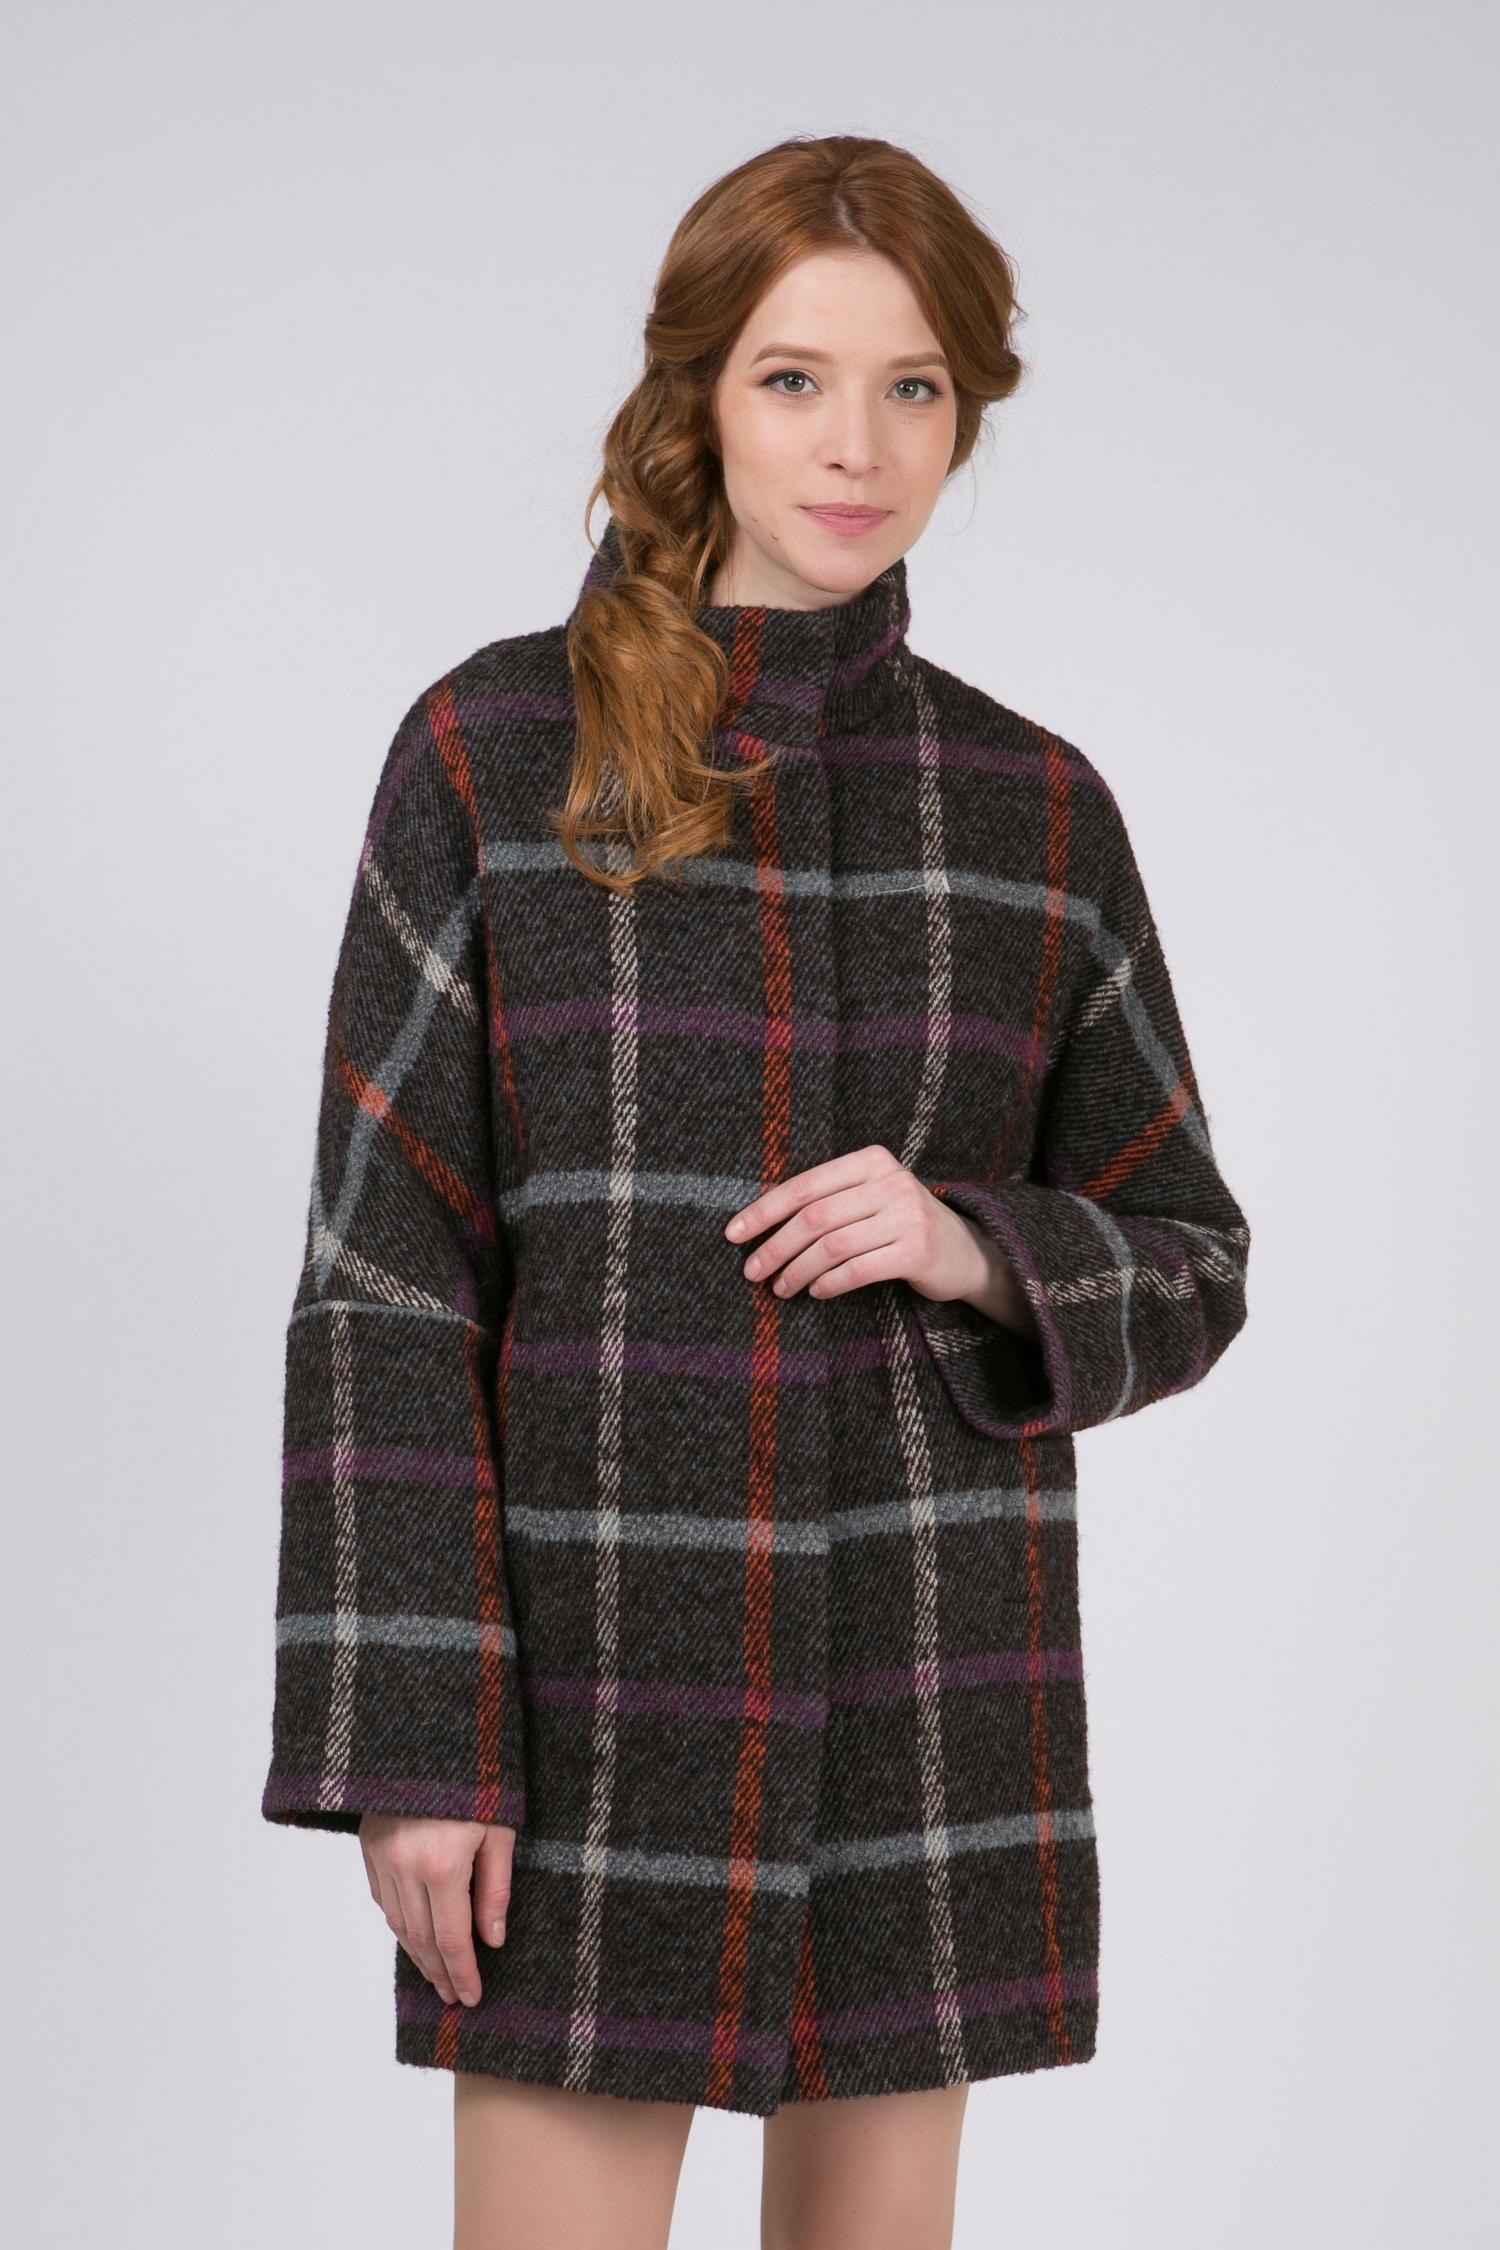 Женское пальто с воротником, без отделки. Производитель: Московская Меховая Компания, артикул: 8782